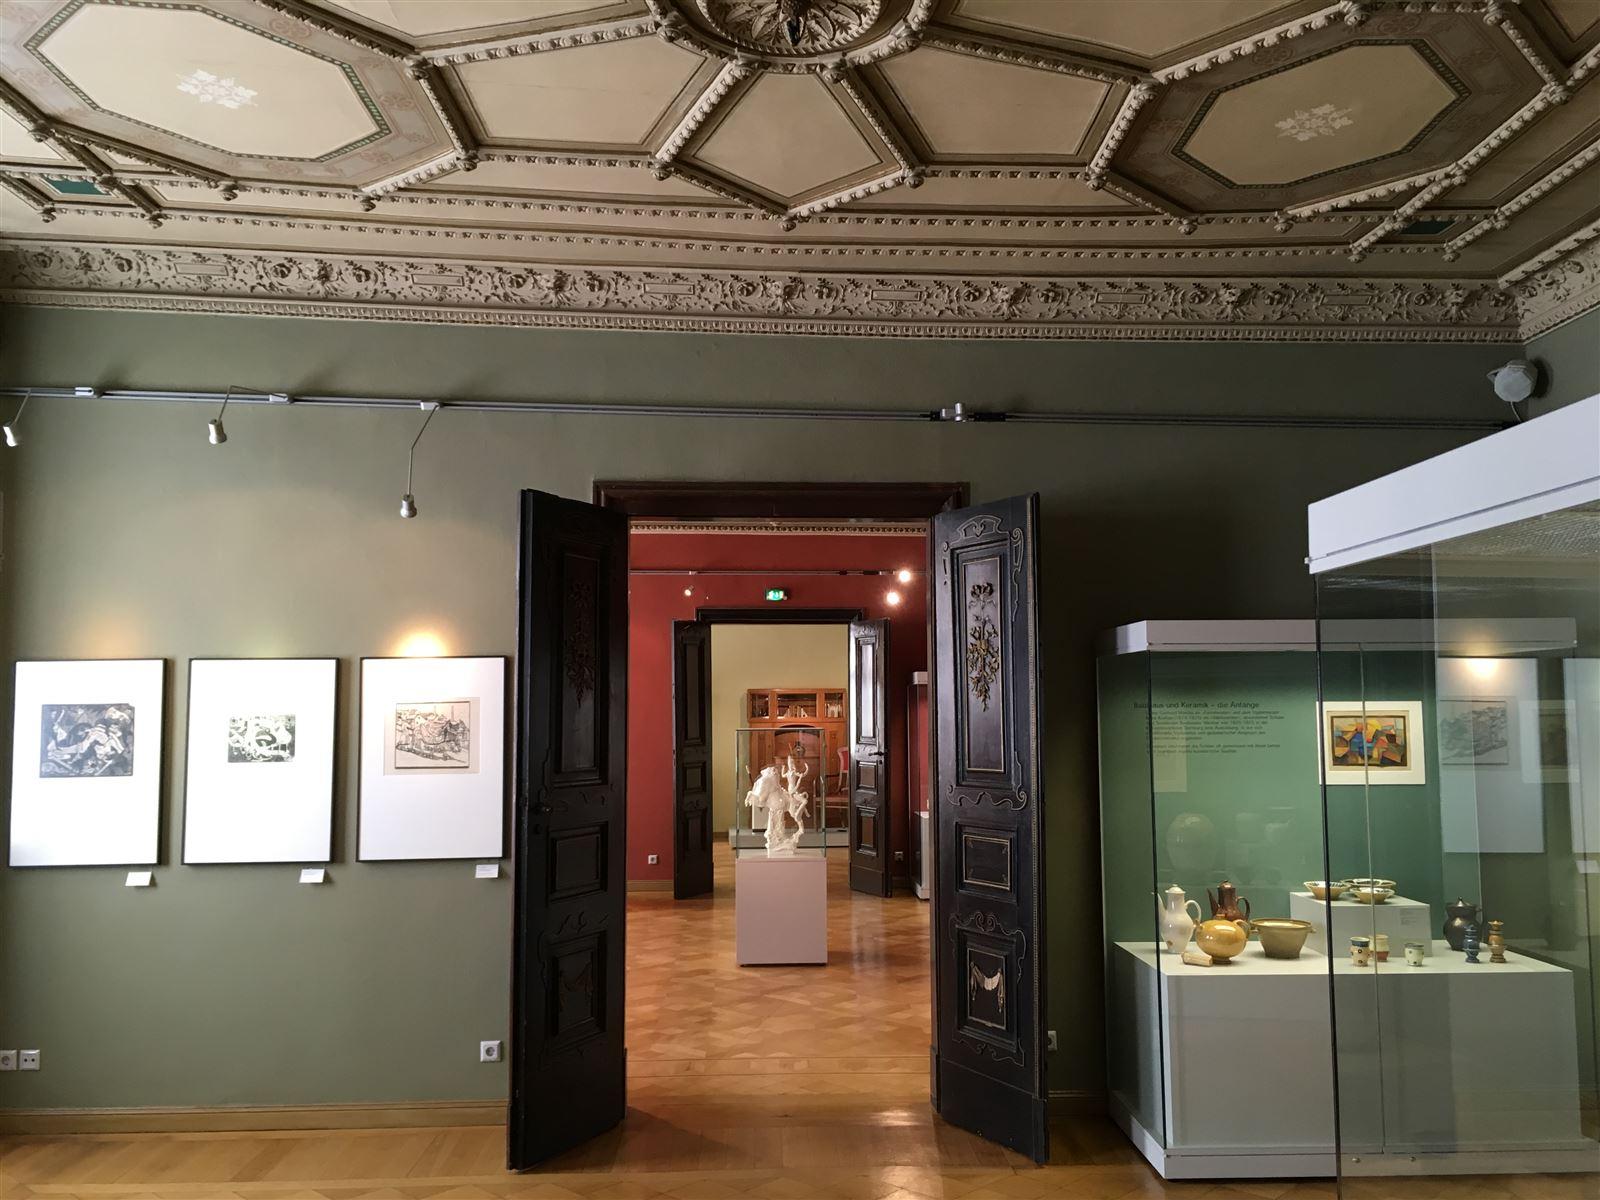 MAK - Museum für angewandte Kunst in Gera / Thüringen